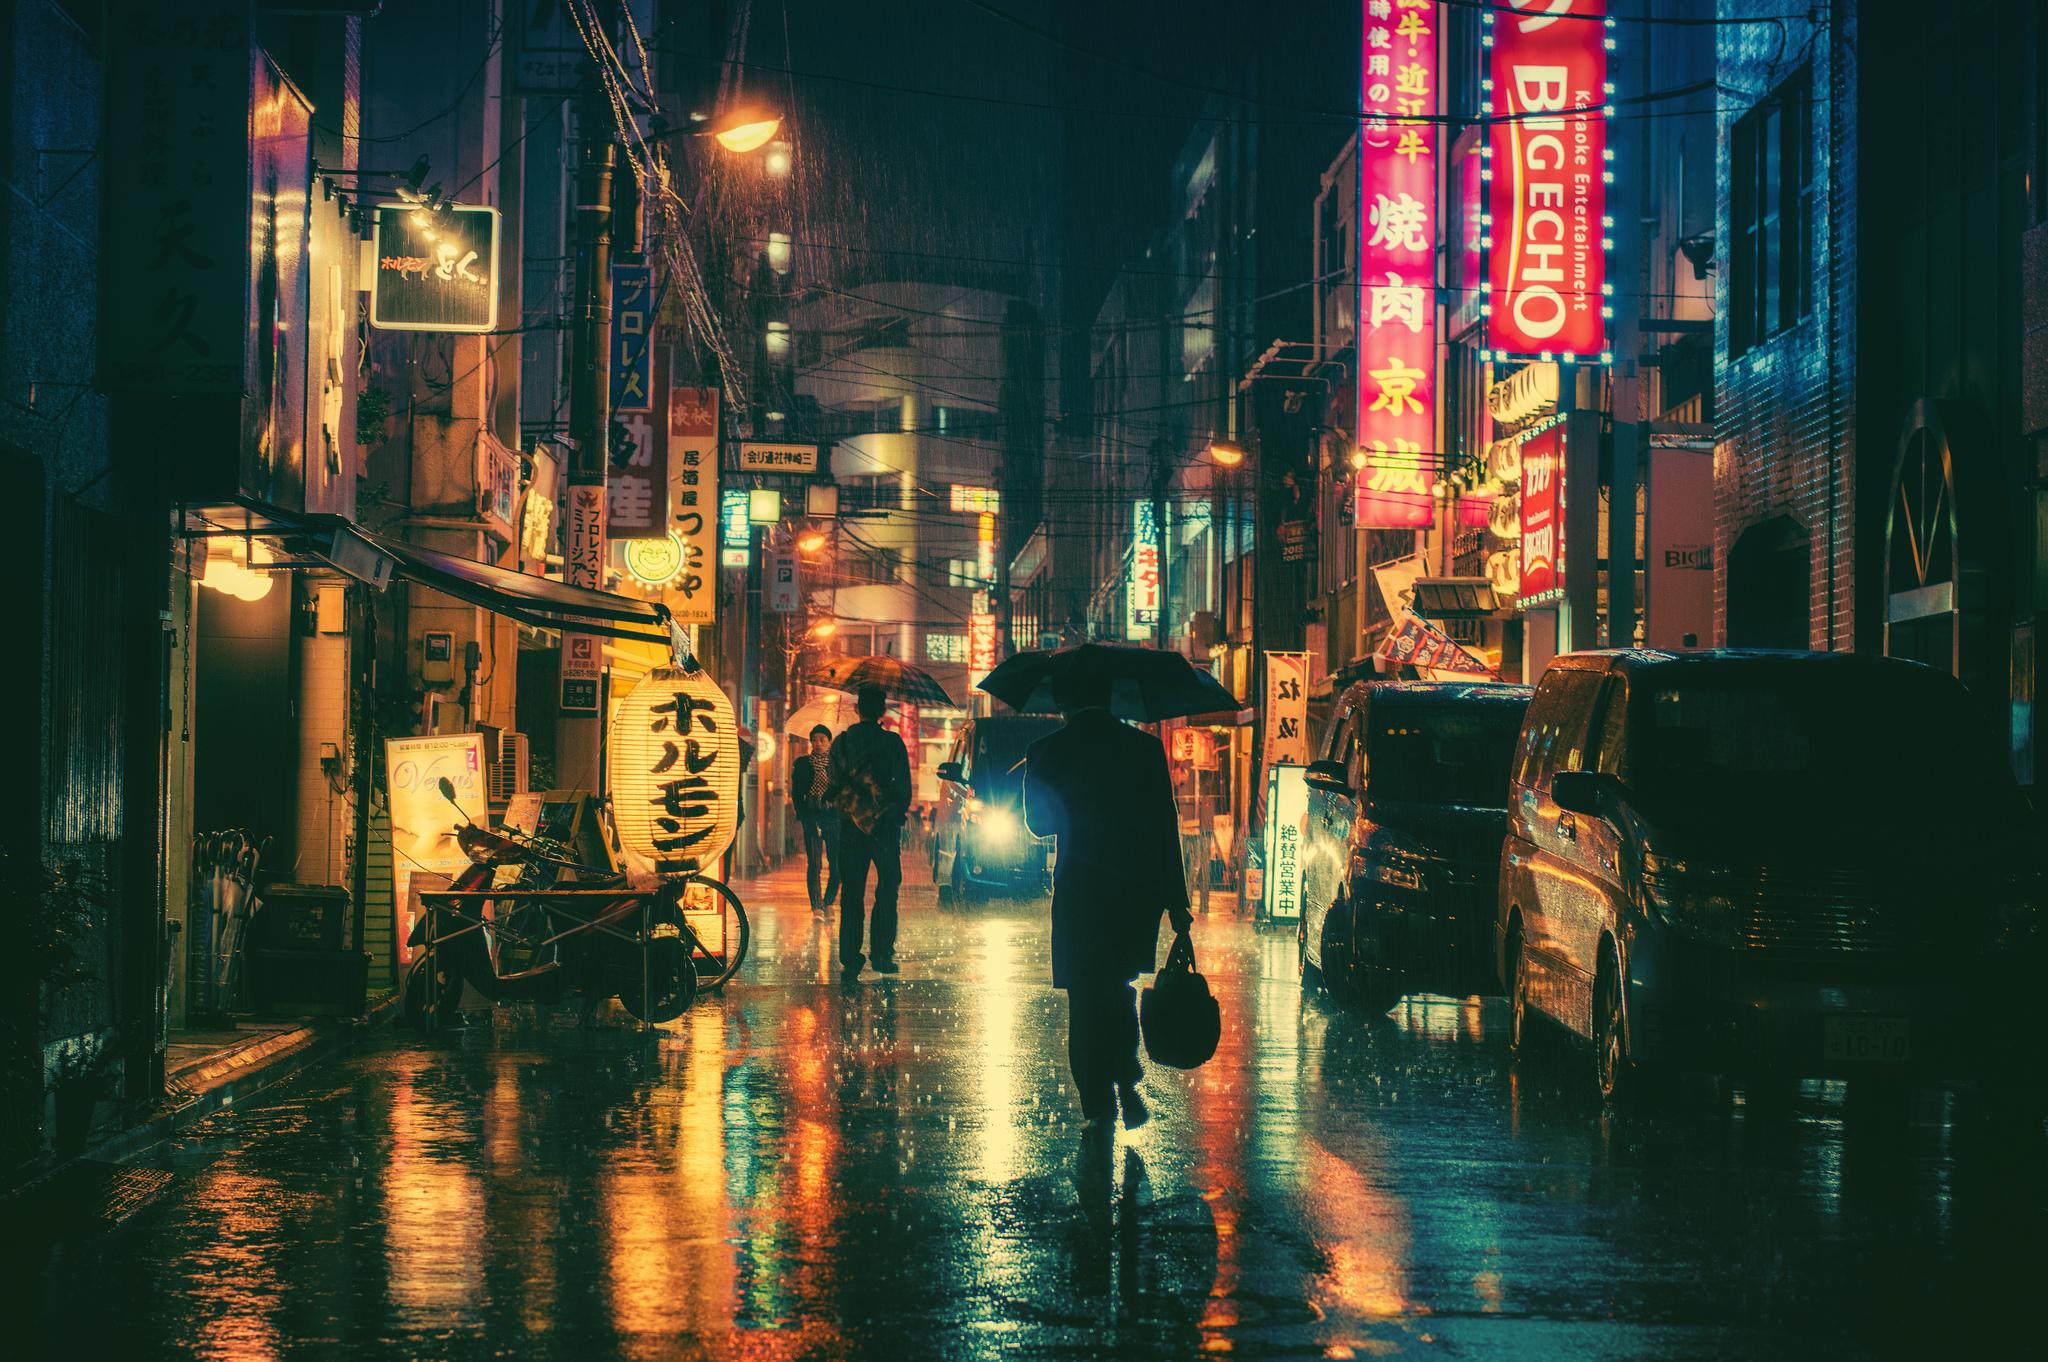 strange rain in a distant